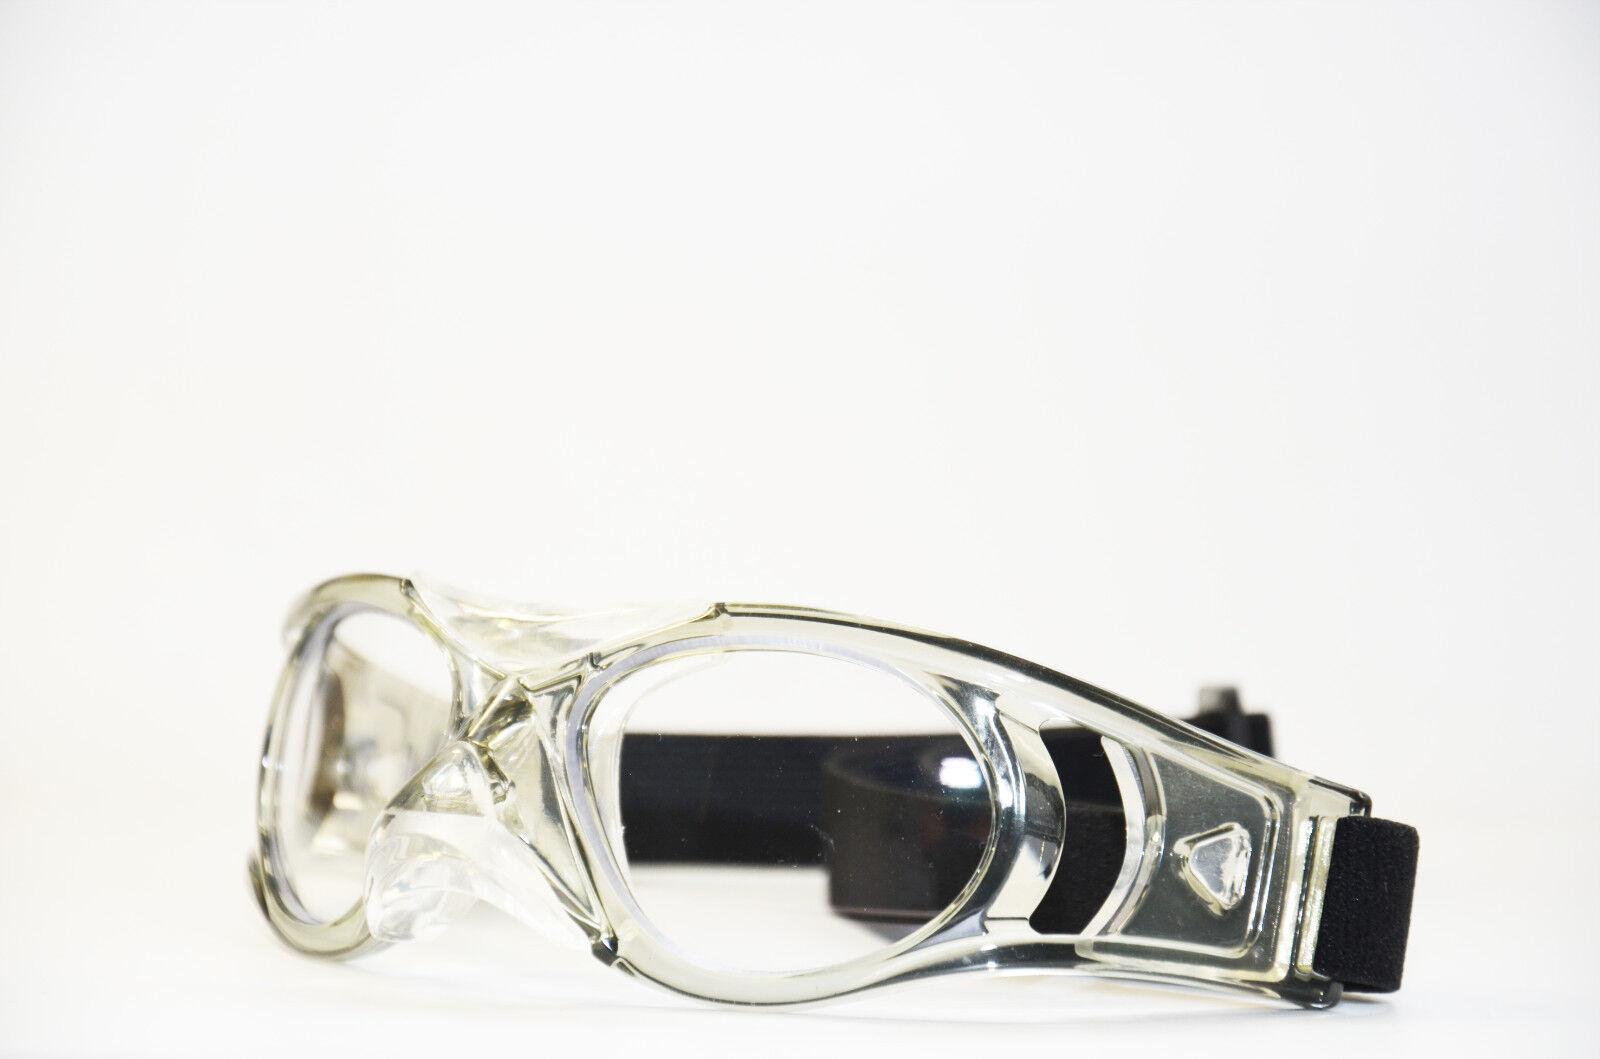 Sportbrille grau Gläser in Sehstärke Schutzbrille + Korrektion Erwachsene Neu